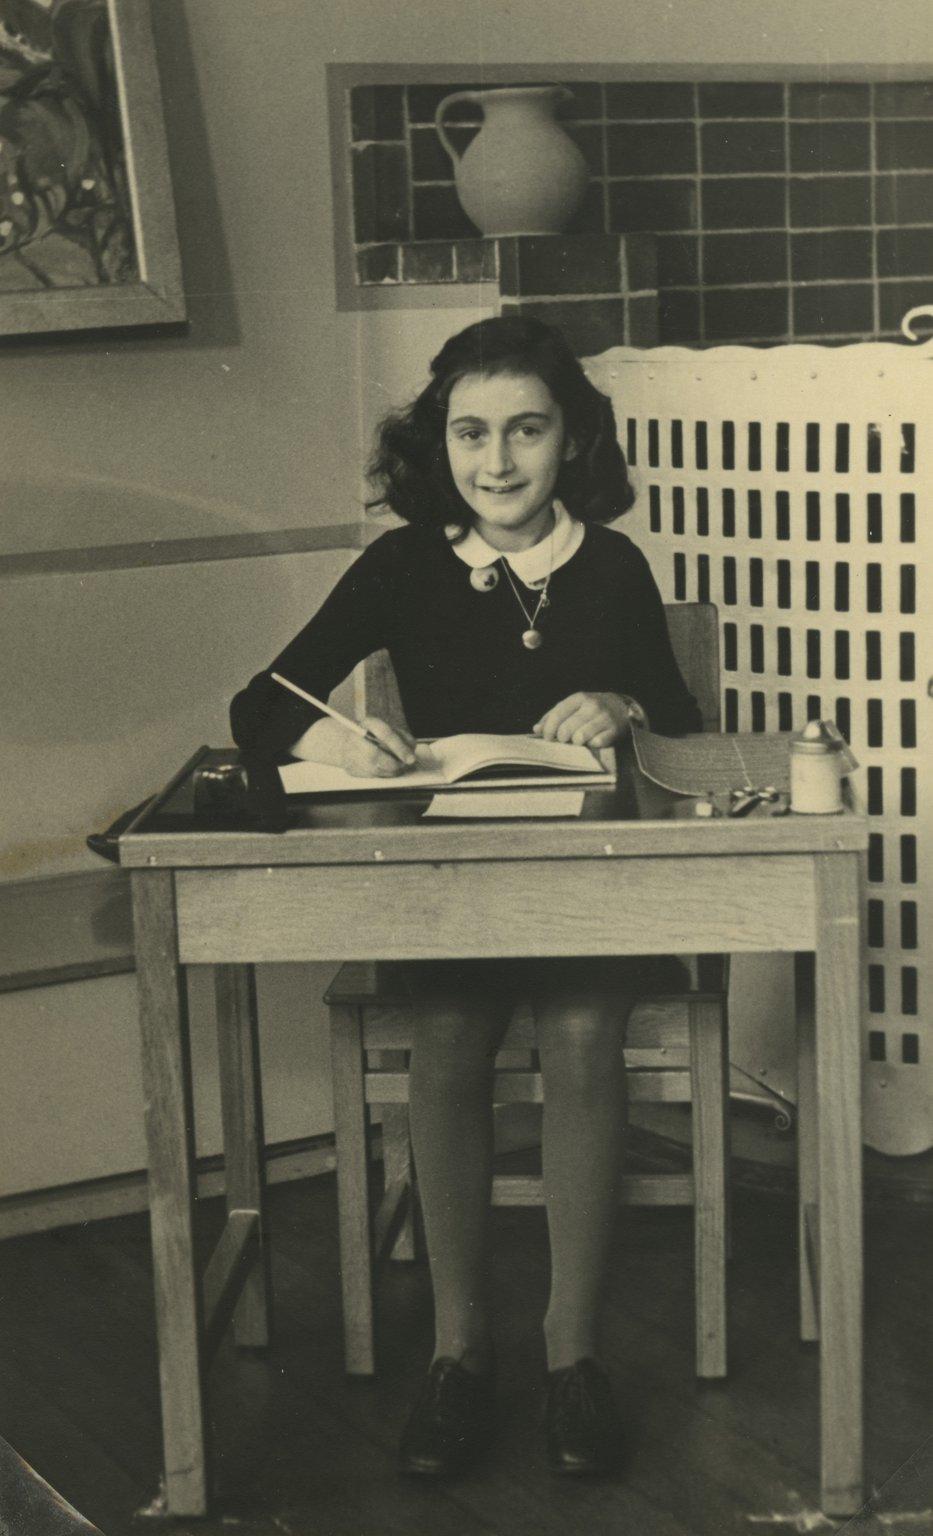 Anne în școala primară, 1940